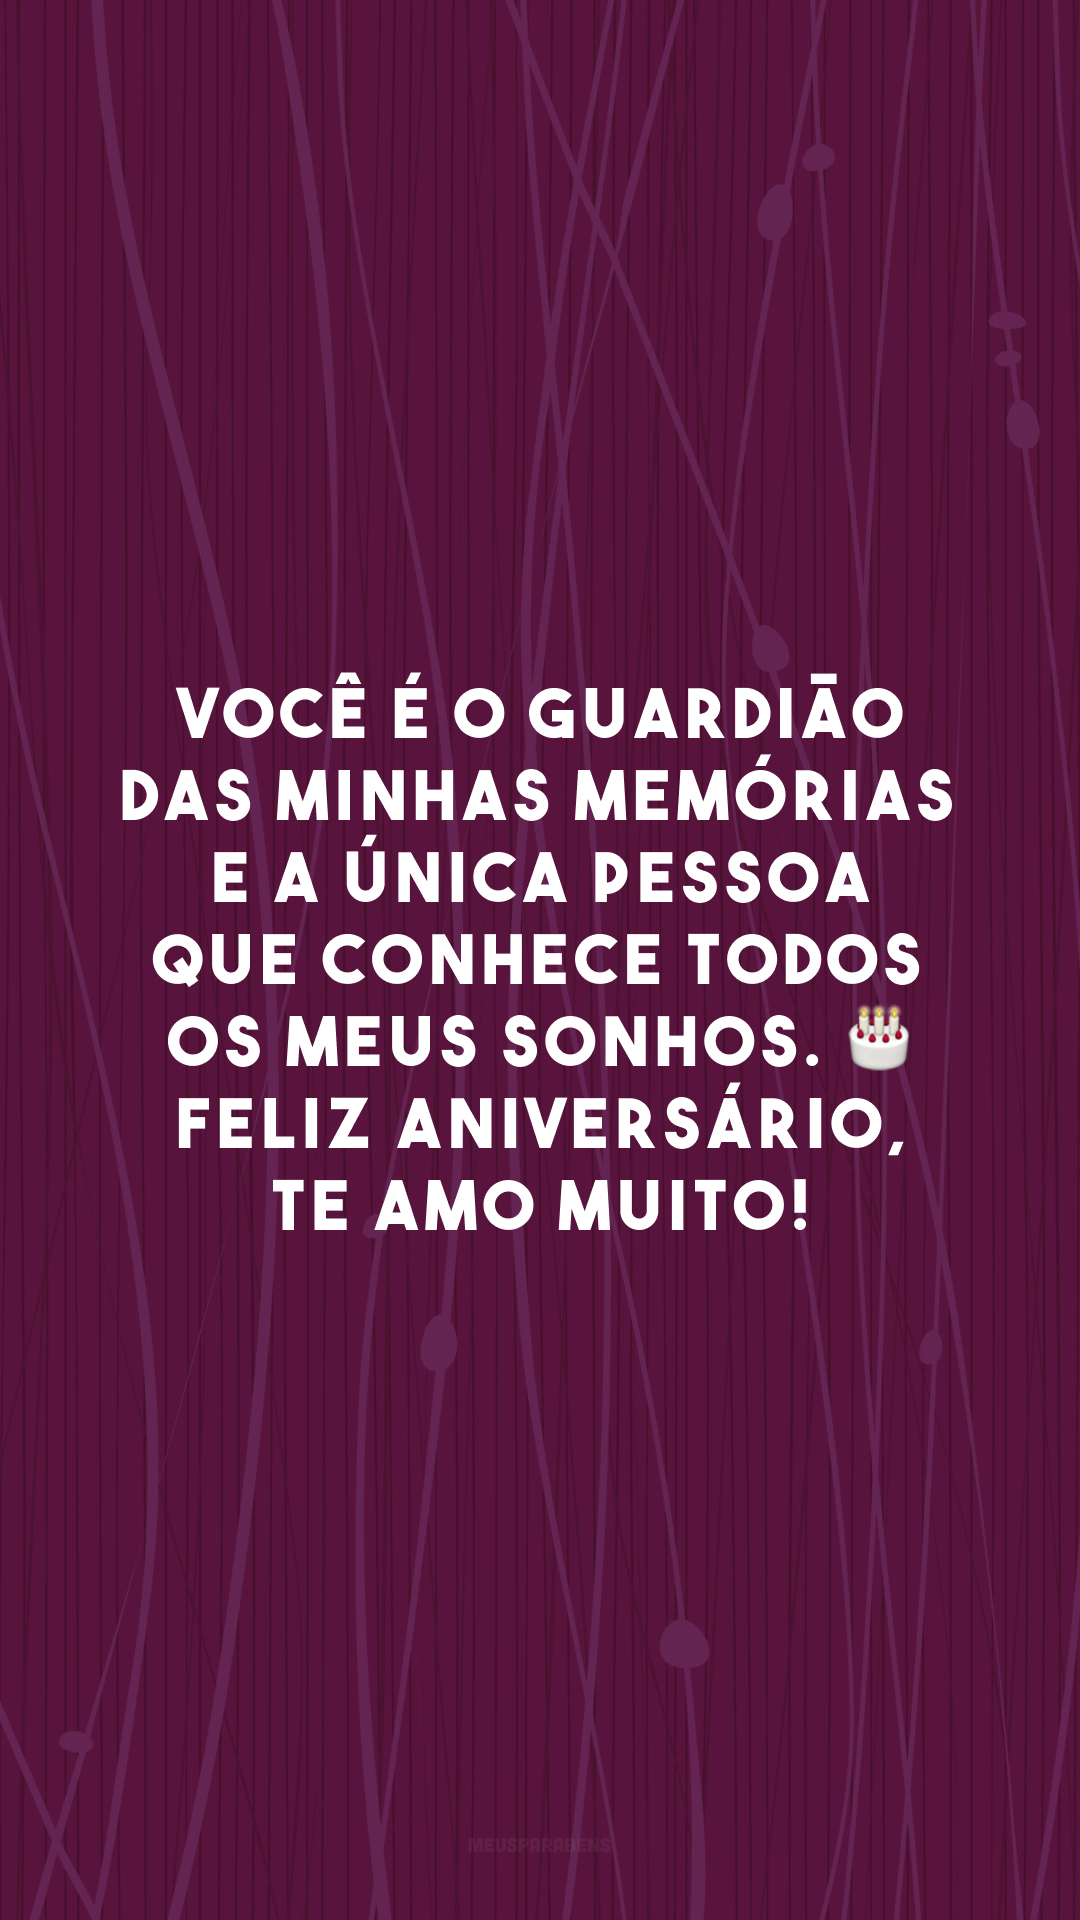 Você é o guardião das minhas memórias e a única pessoa que conhece todos os meus sonhos. 🎂 Feliz aniversário, te amo muito!